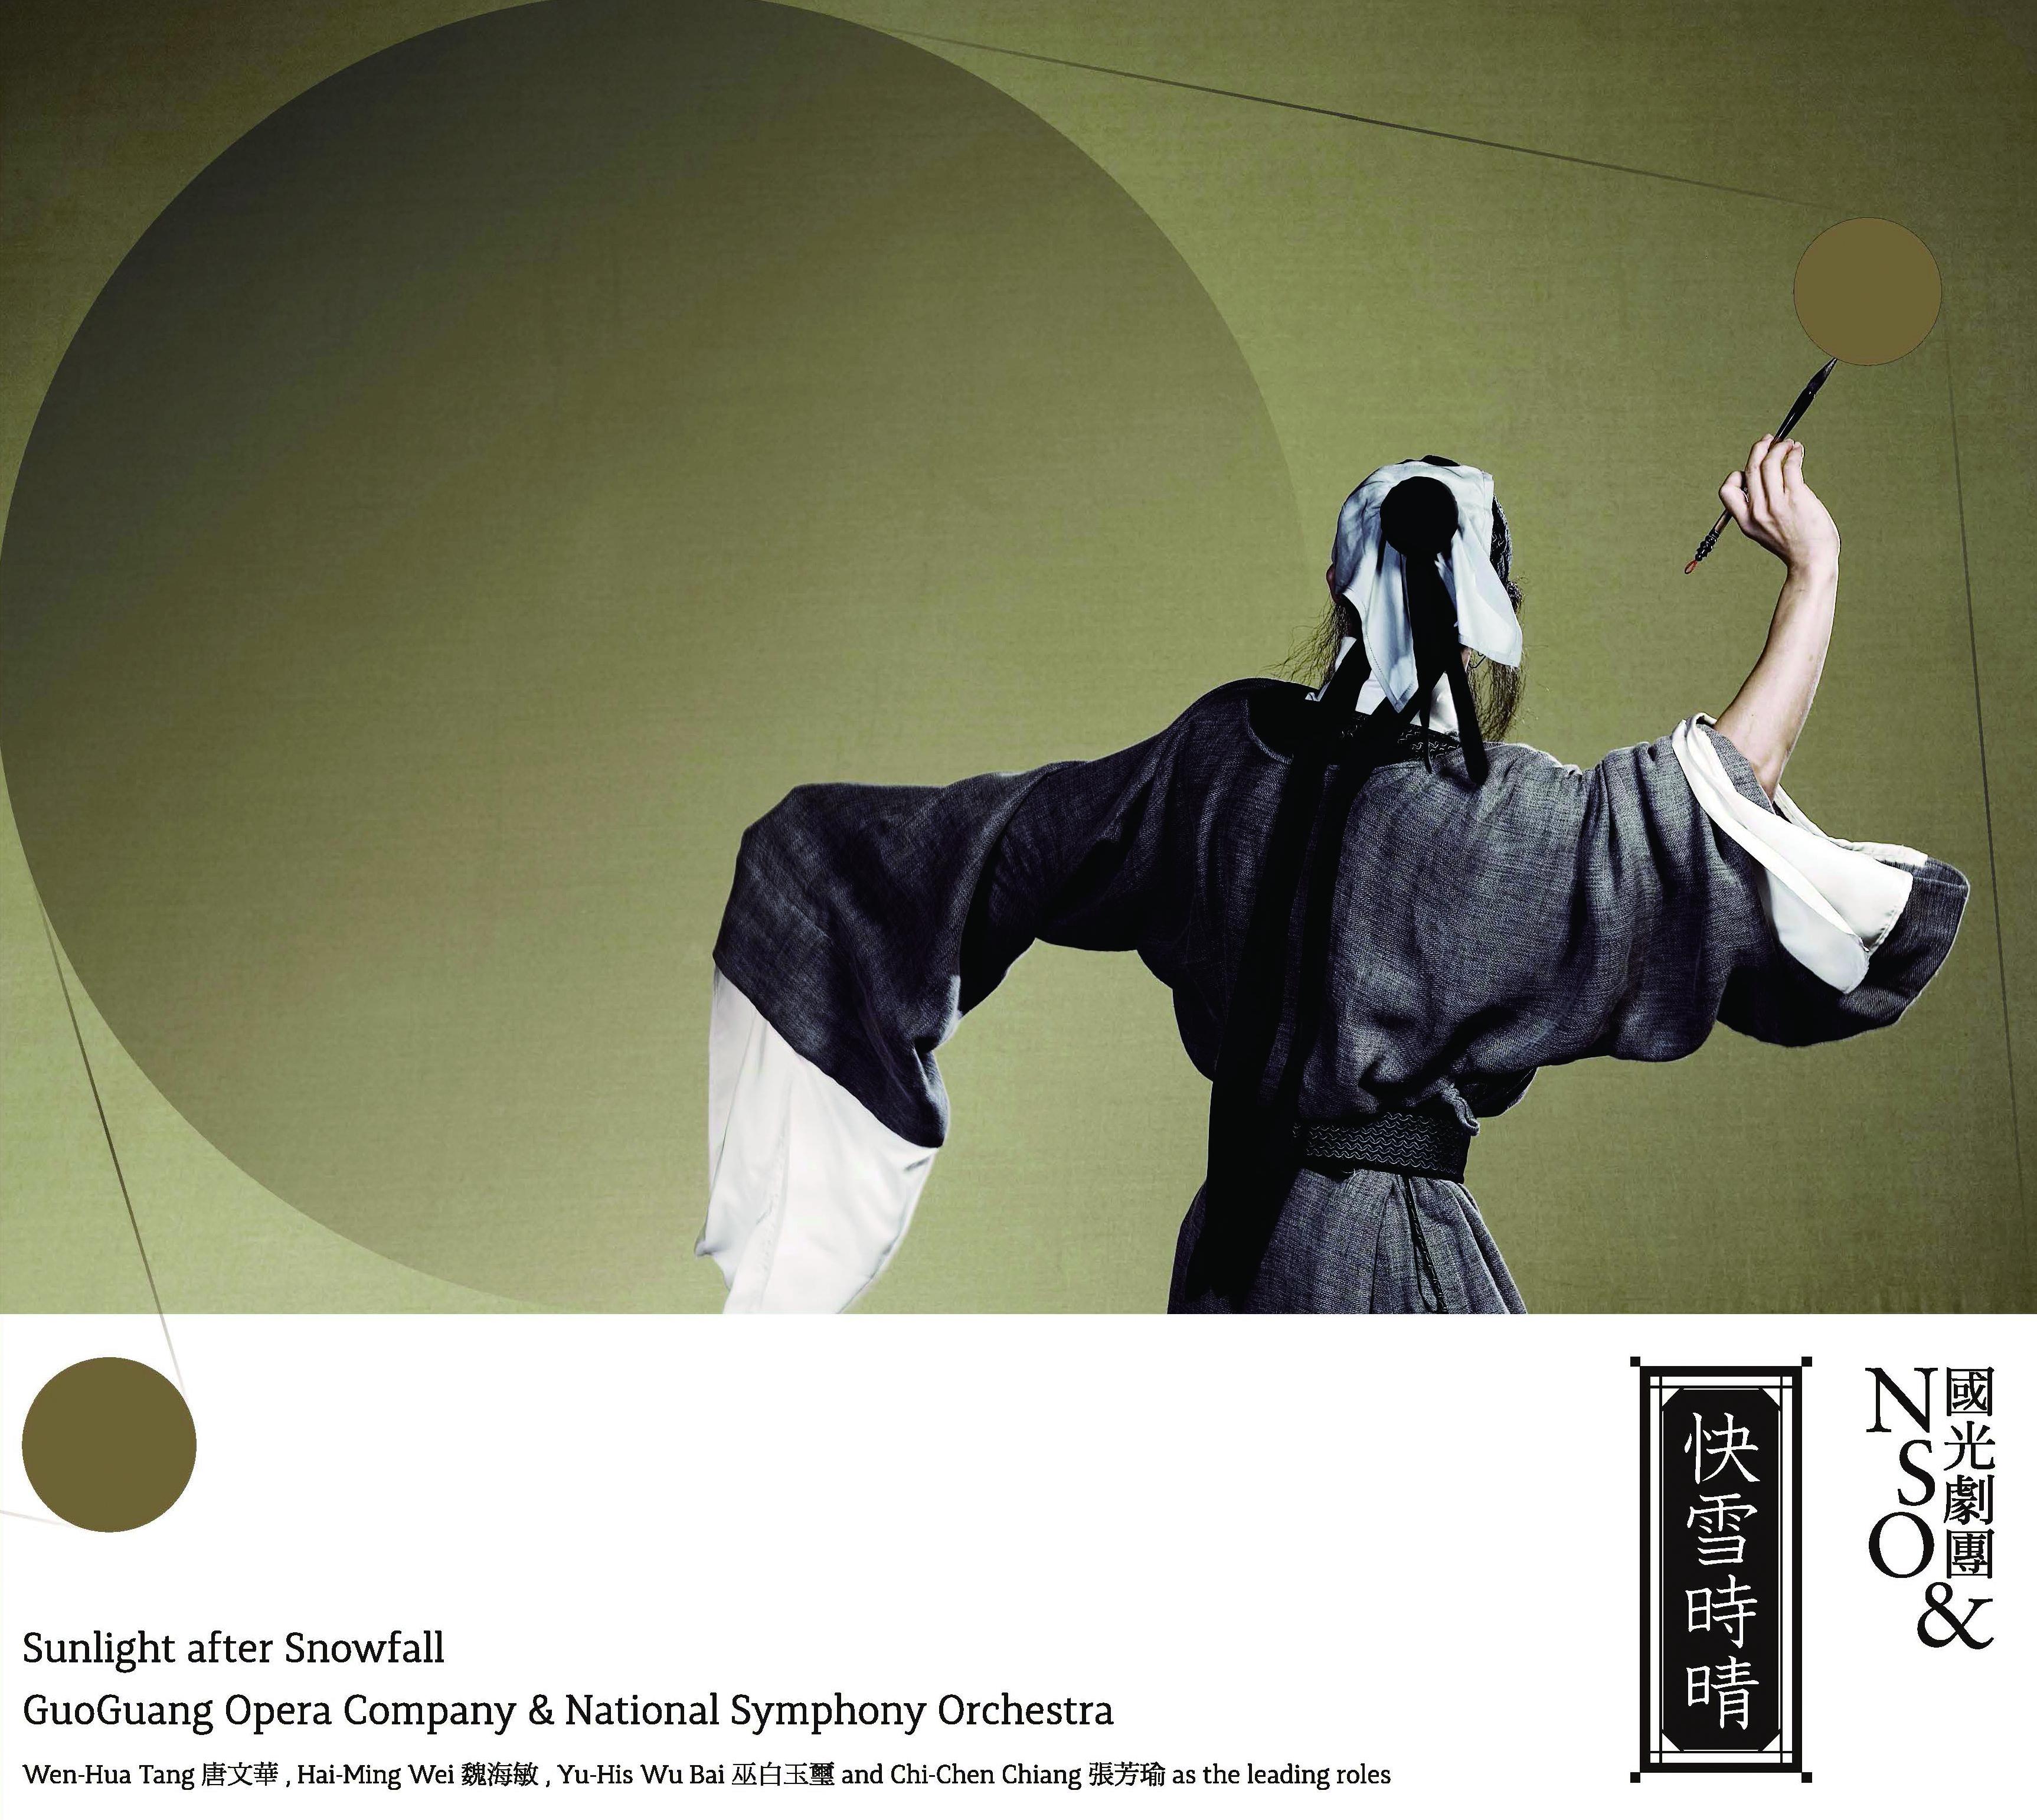 圖3 國光劇團與國家交響樂團《快雪時晴》DVD,重現京劇與交響樂的華麗樂章。.jpg